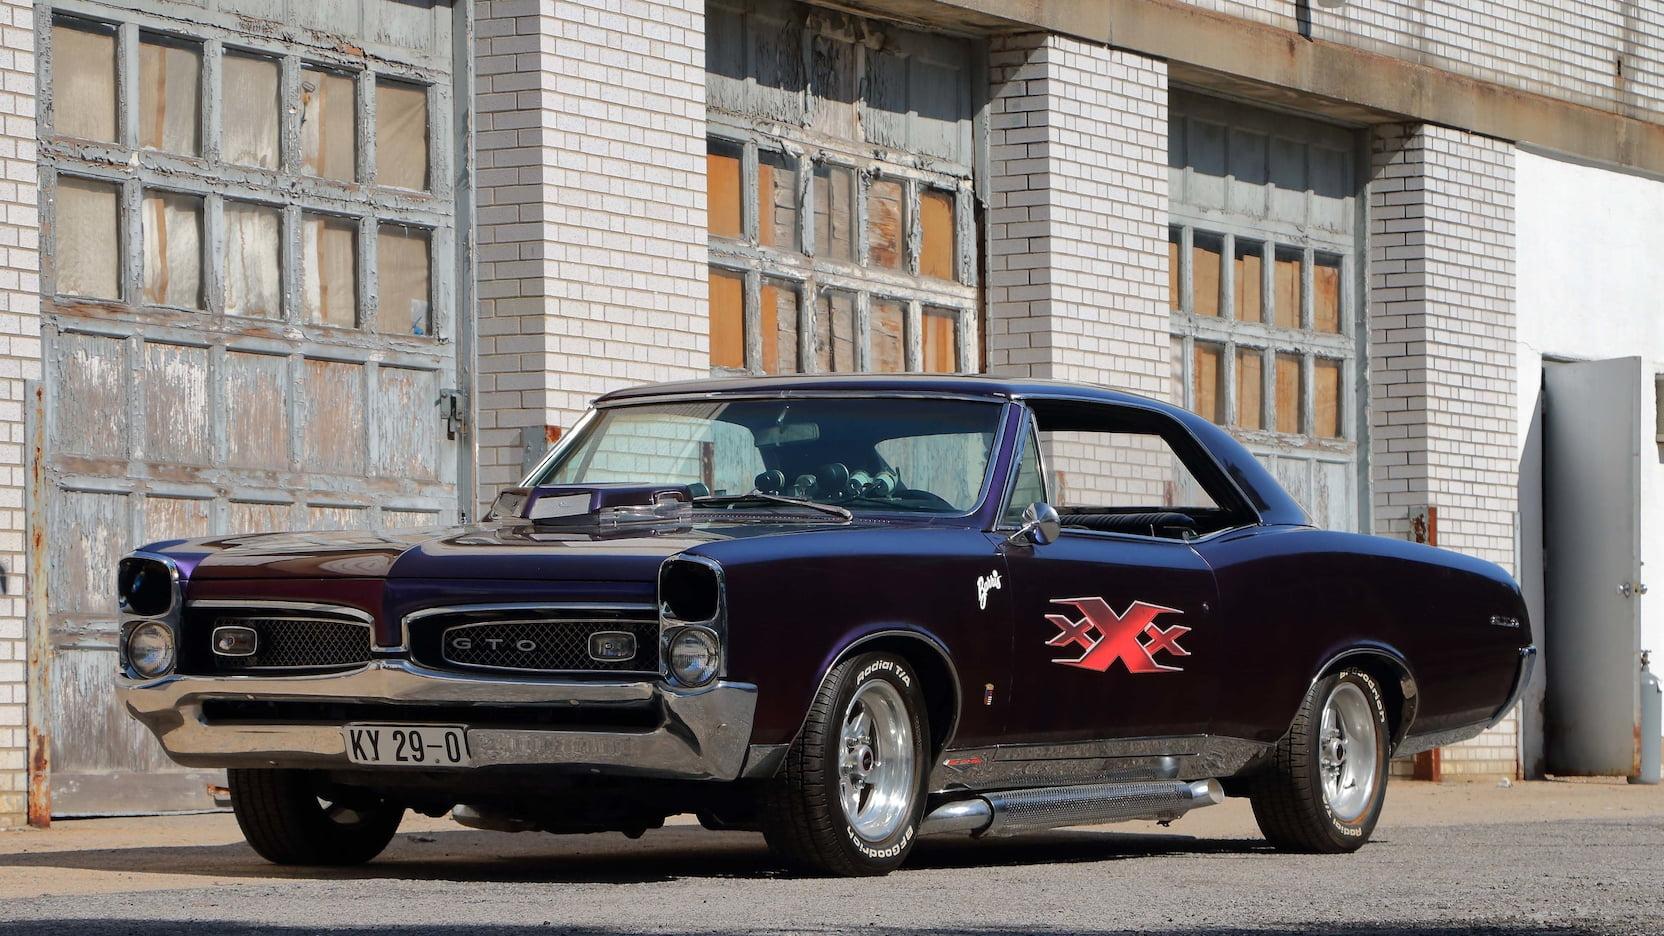 1967 Pontiac GTO XXX Promotional Car